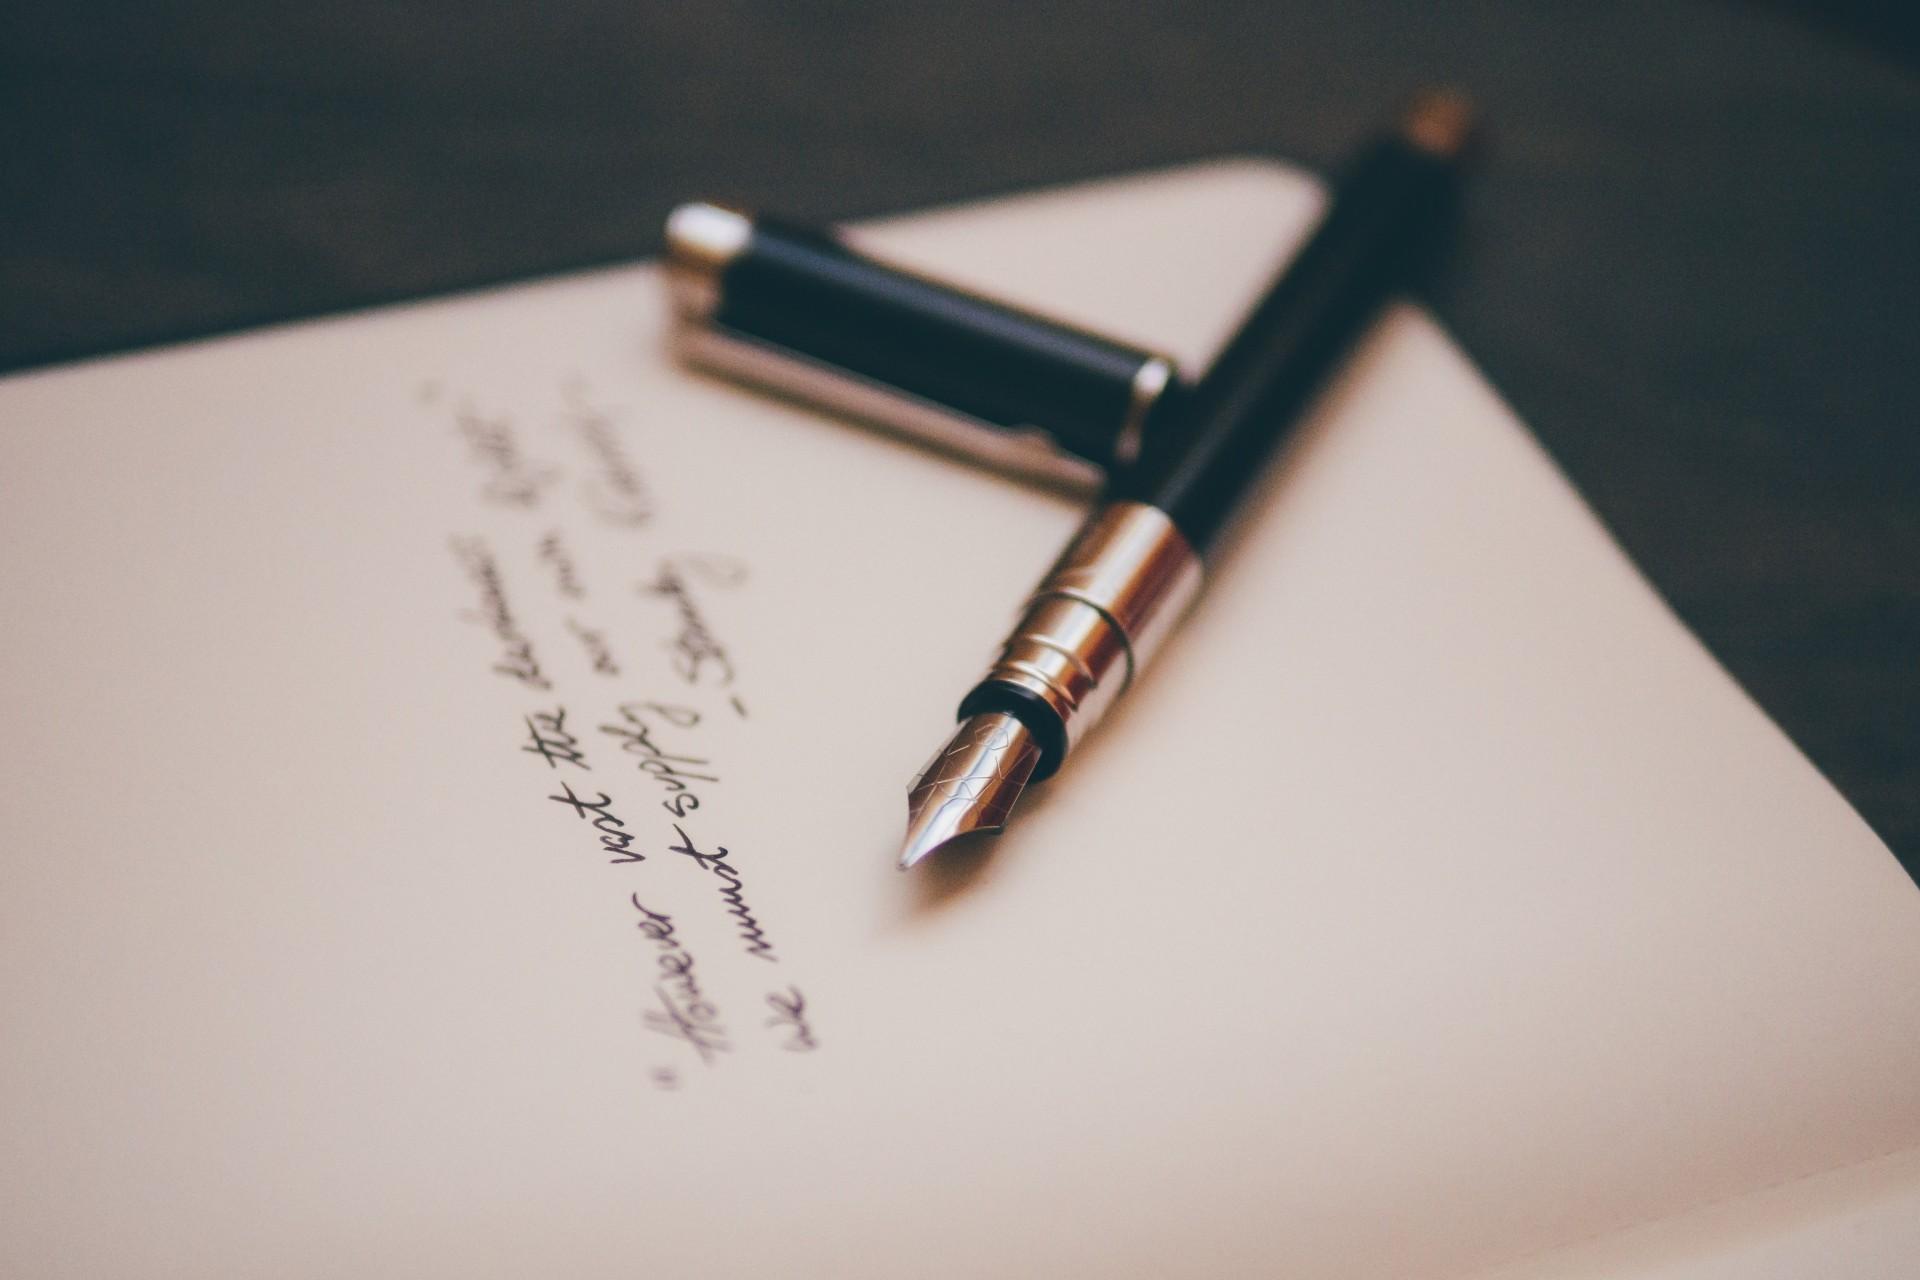 009 Write2fit46082c3072ssl1 Ptcas Essay Unusual 2019 Examples 2018 Tips 1920